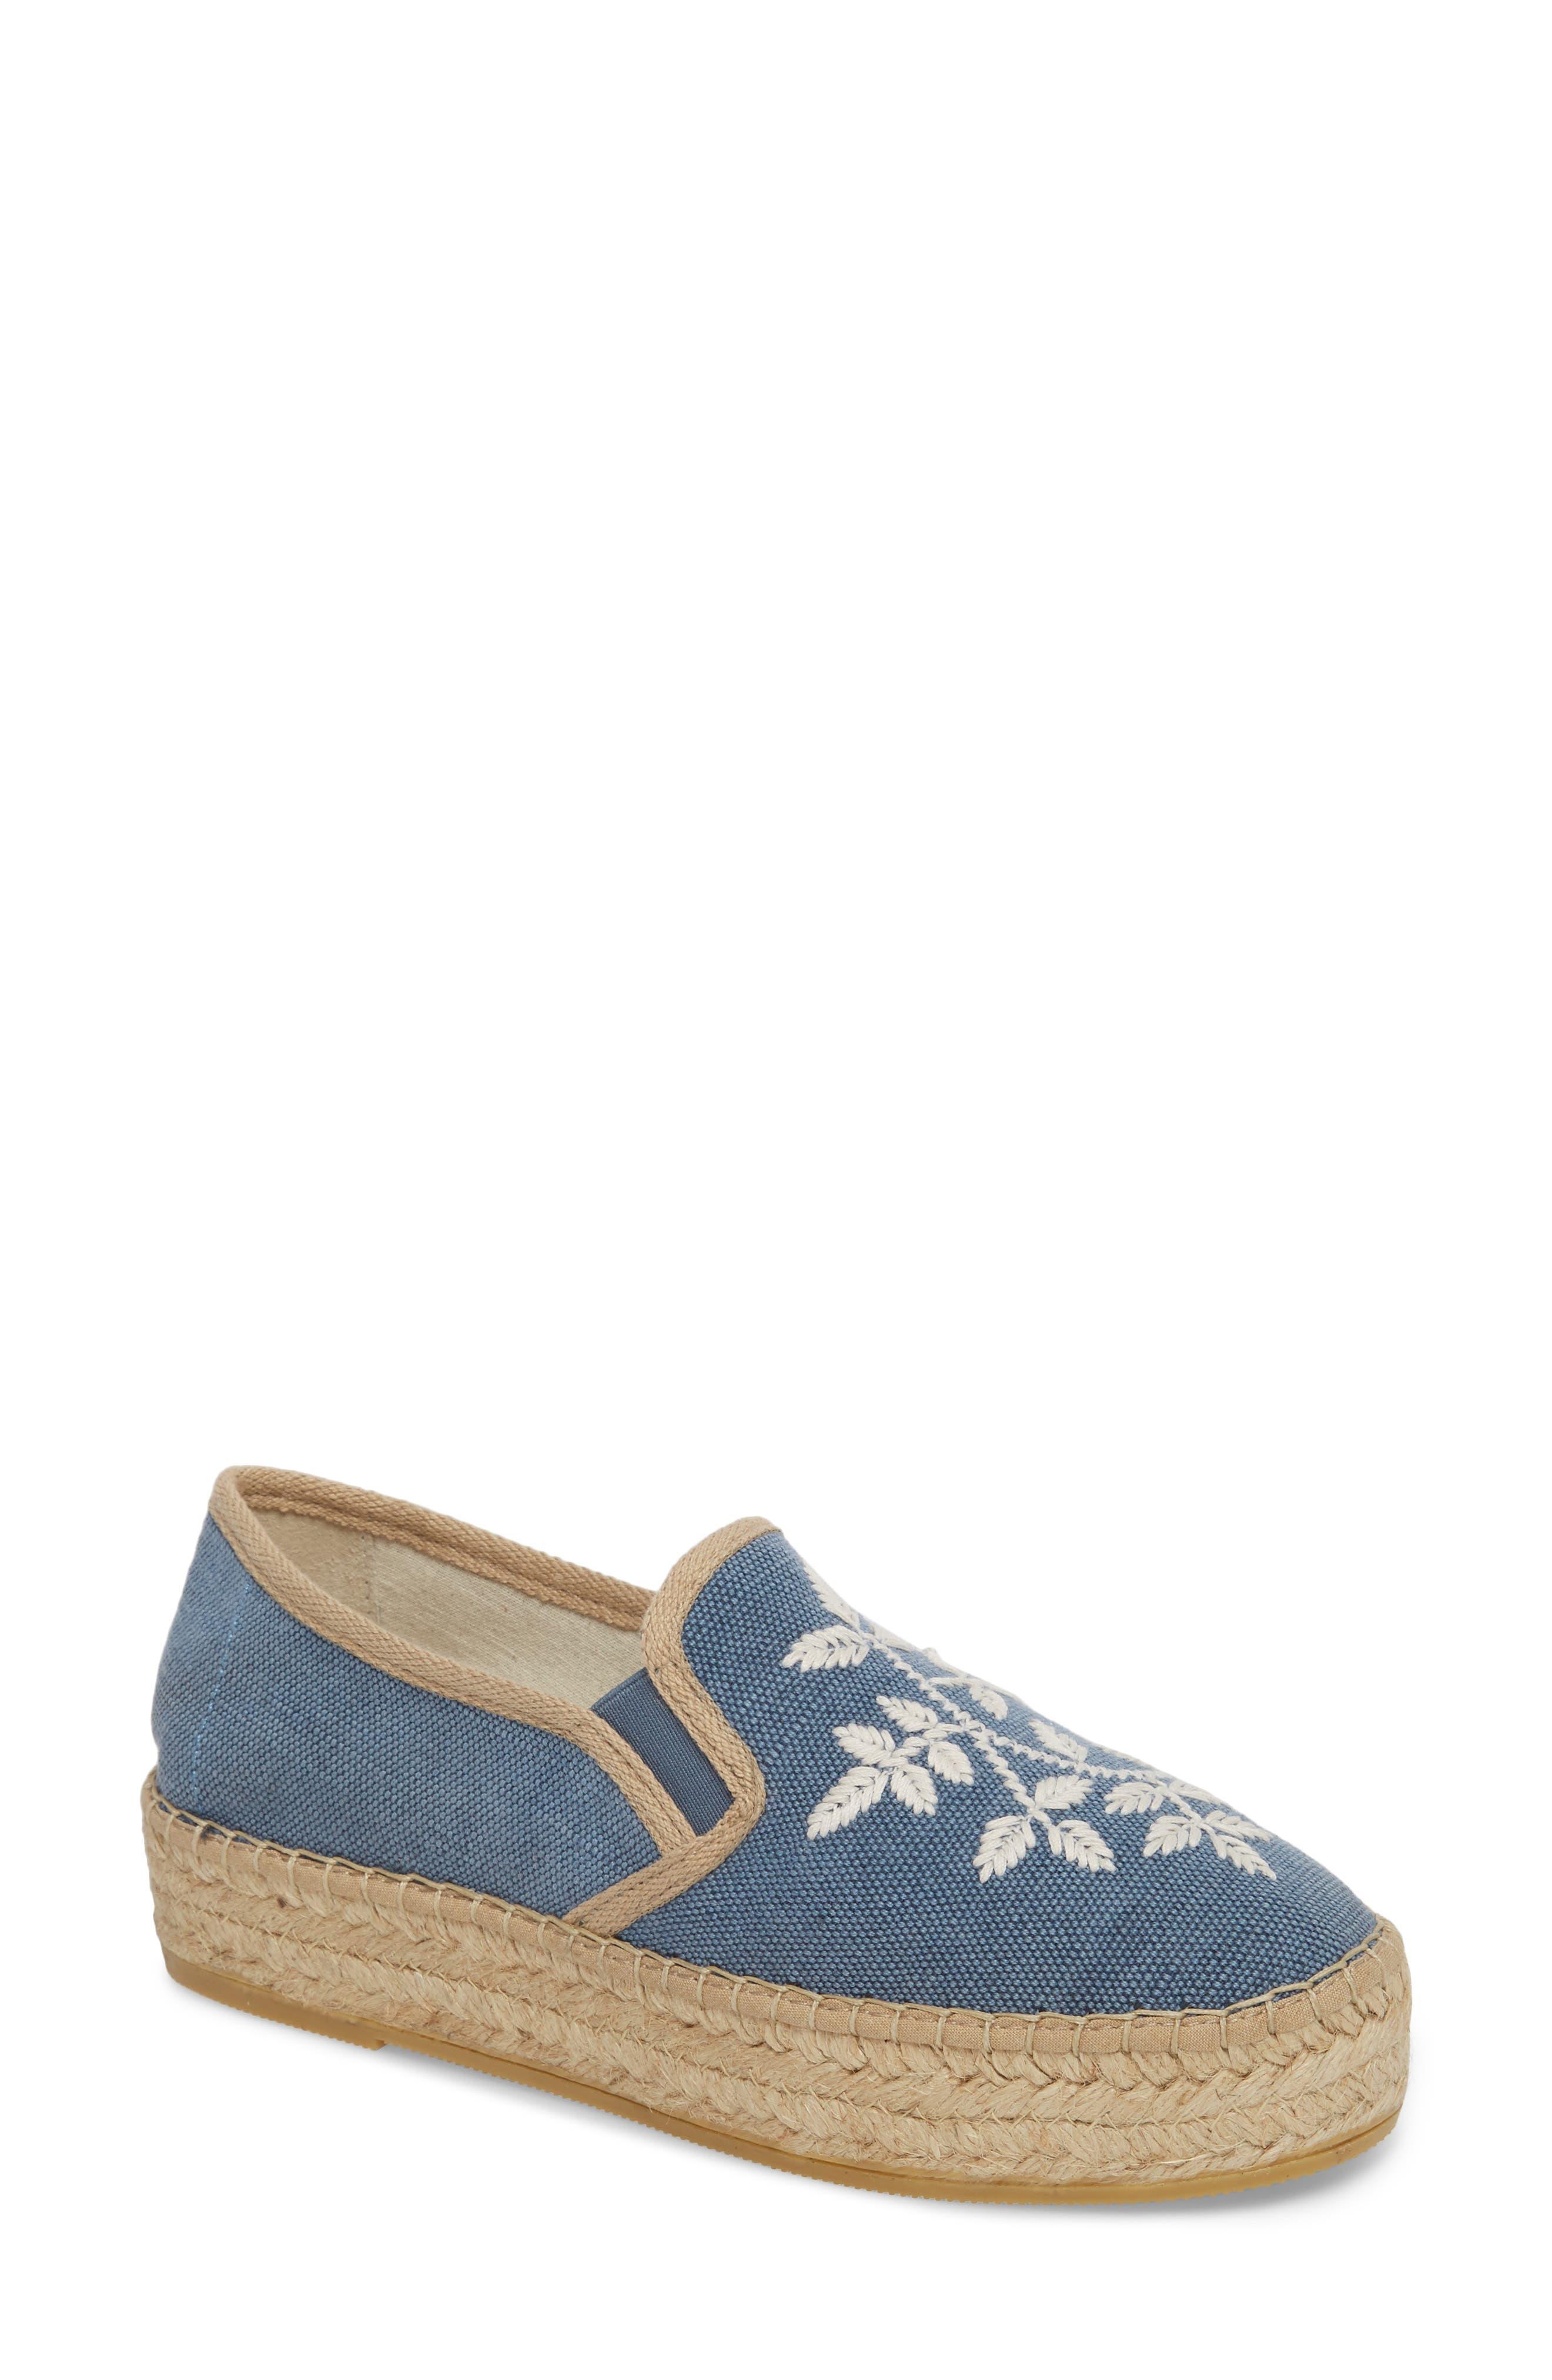 Toni Pons Florence Embroidered Platform Espadrille Sneaker, Blue